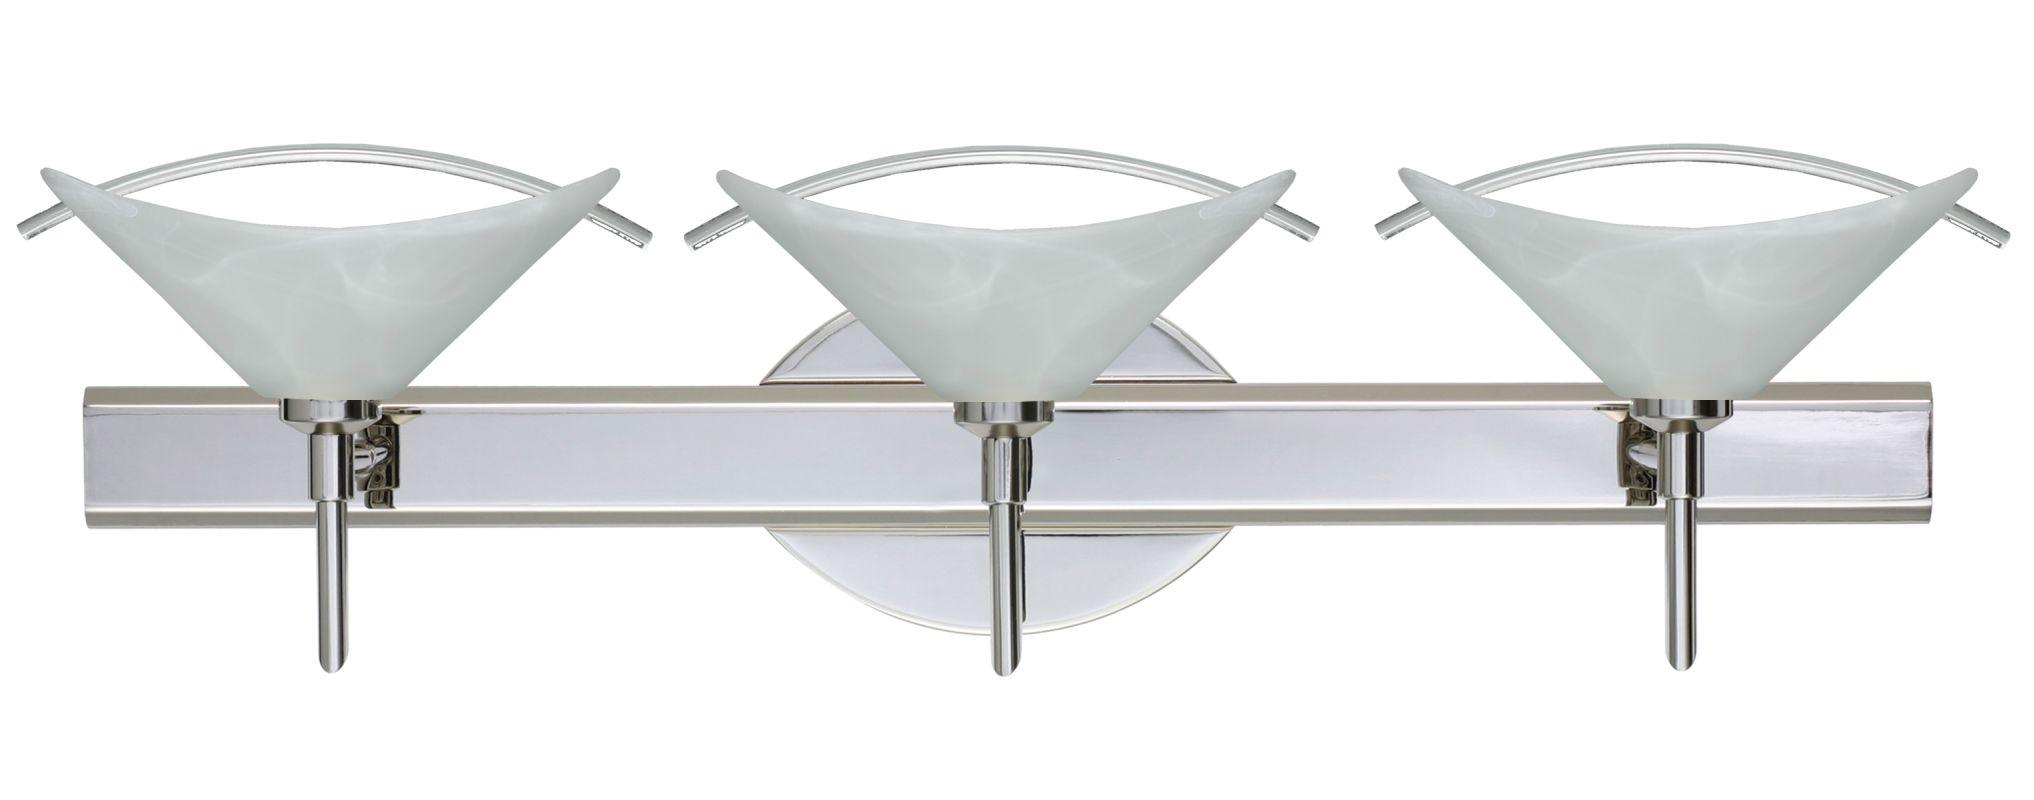 Kichler 628 Chrome Bath Vanity 48 Wide 8 Bulb Bathroom: Besa Lighting 3SW-181304-CR Chrome Hoppi 3 Light